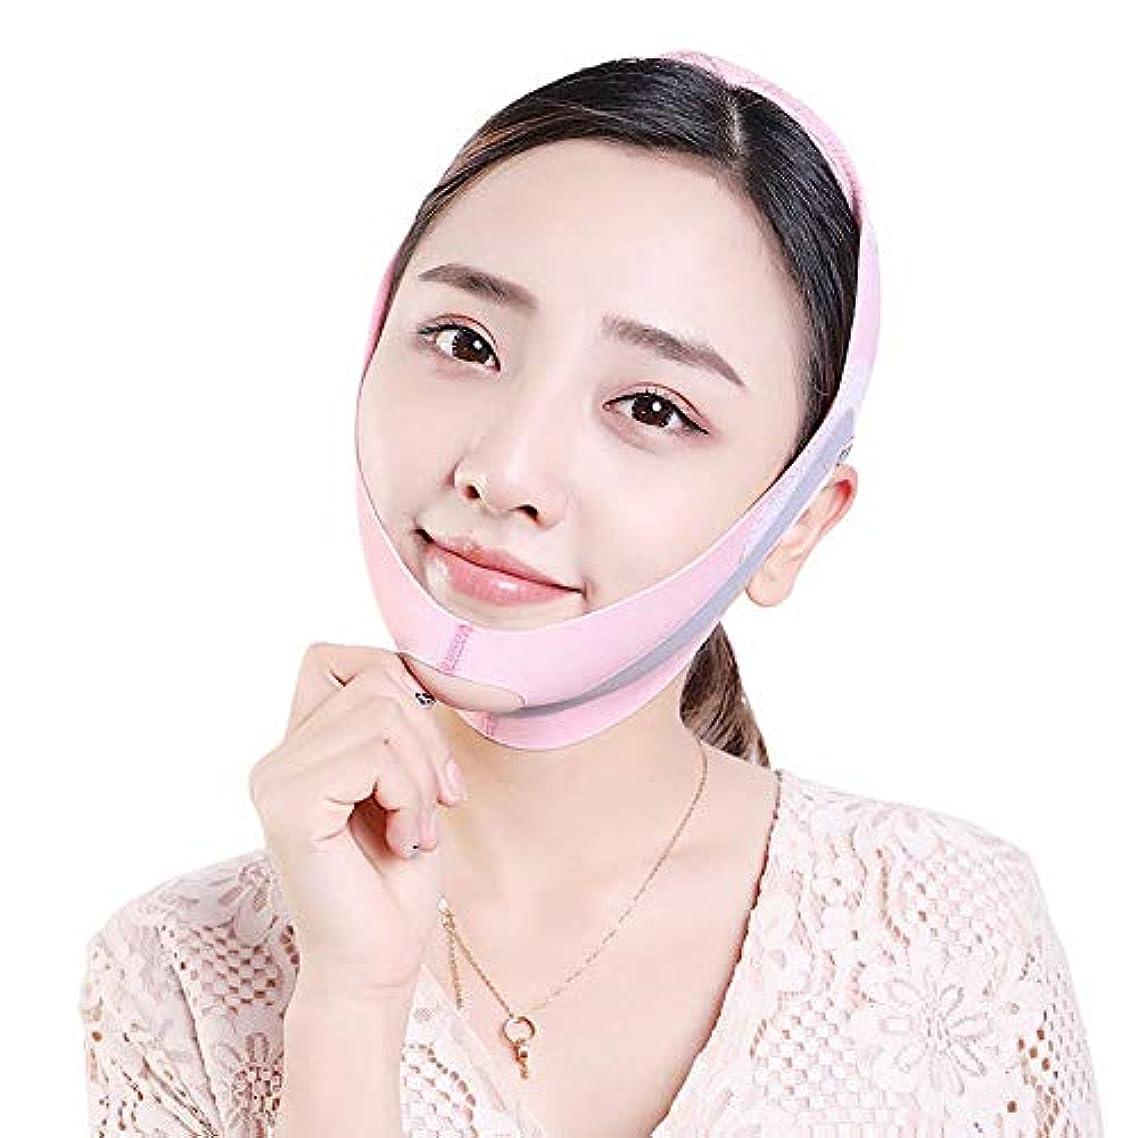 図高音未使用Minmin たるみを防ぐために顔を持ち上げるために筋肉を引き締めるために二重あごのステッカーとラインを削除するために、顔を持ち上げるアーティファクト包帯があります - ピンク みんみんVラインフェイスマスク